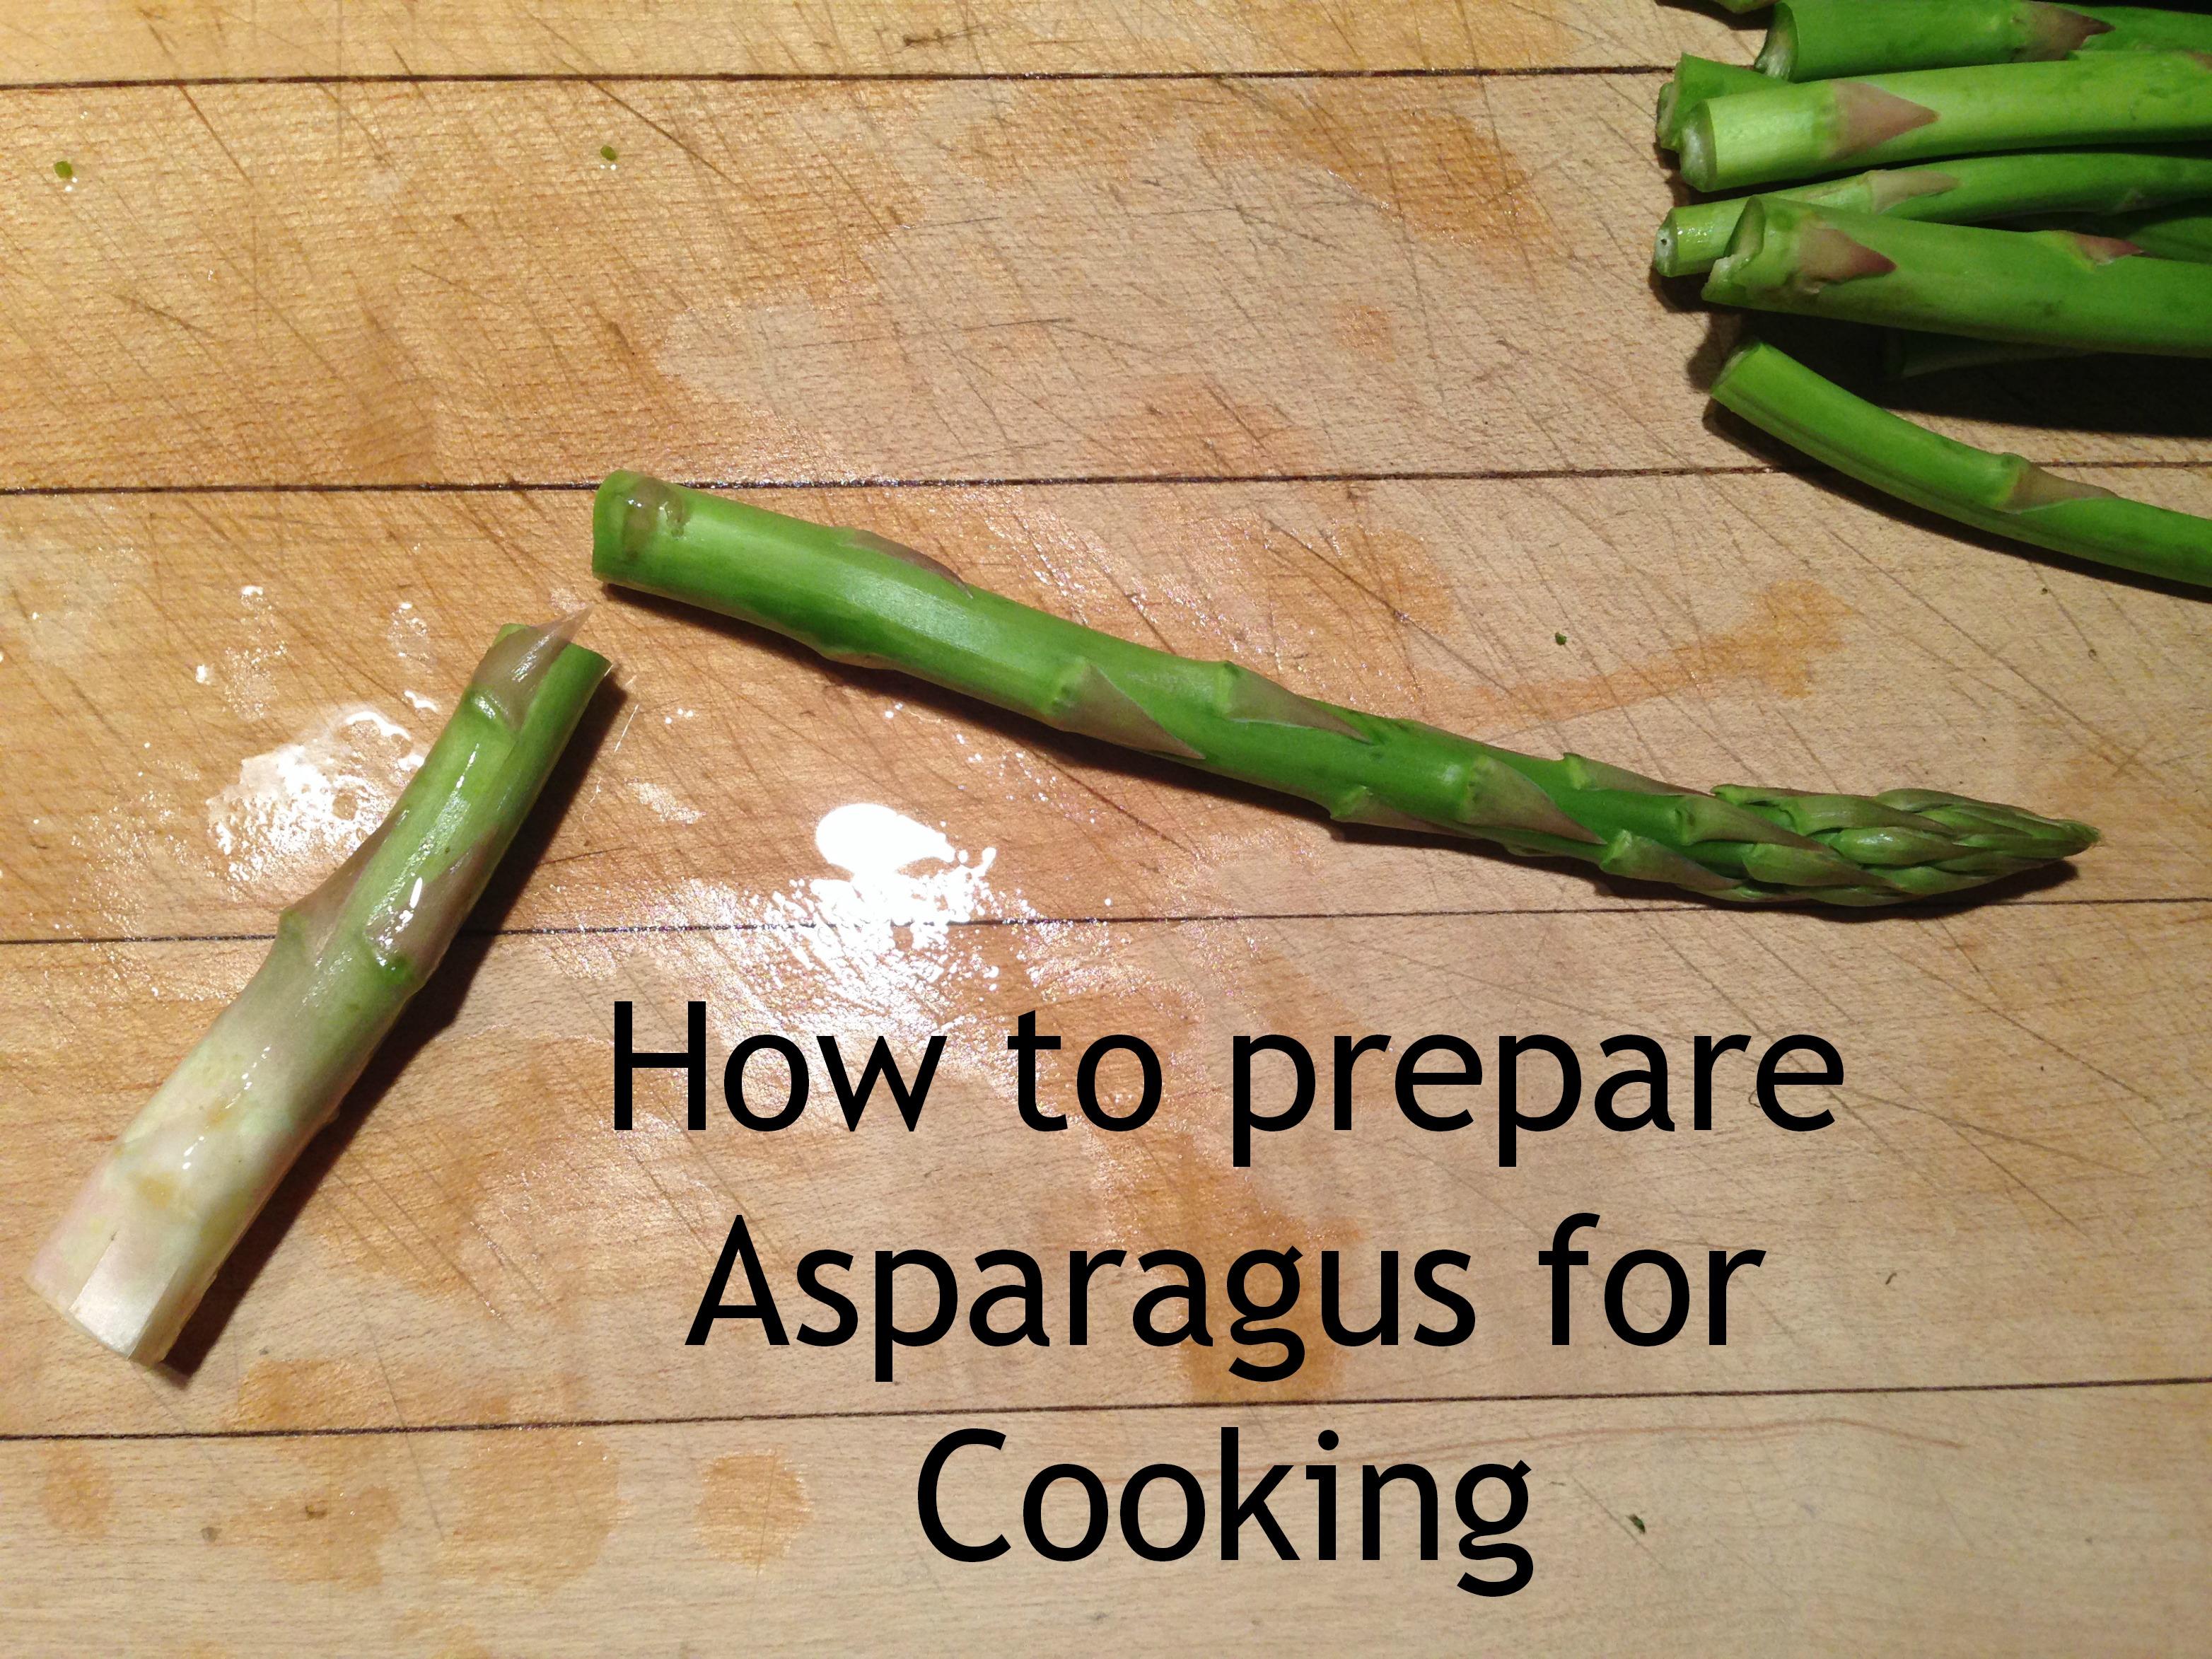 Asparagus Preparing